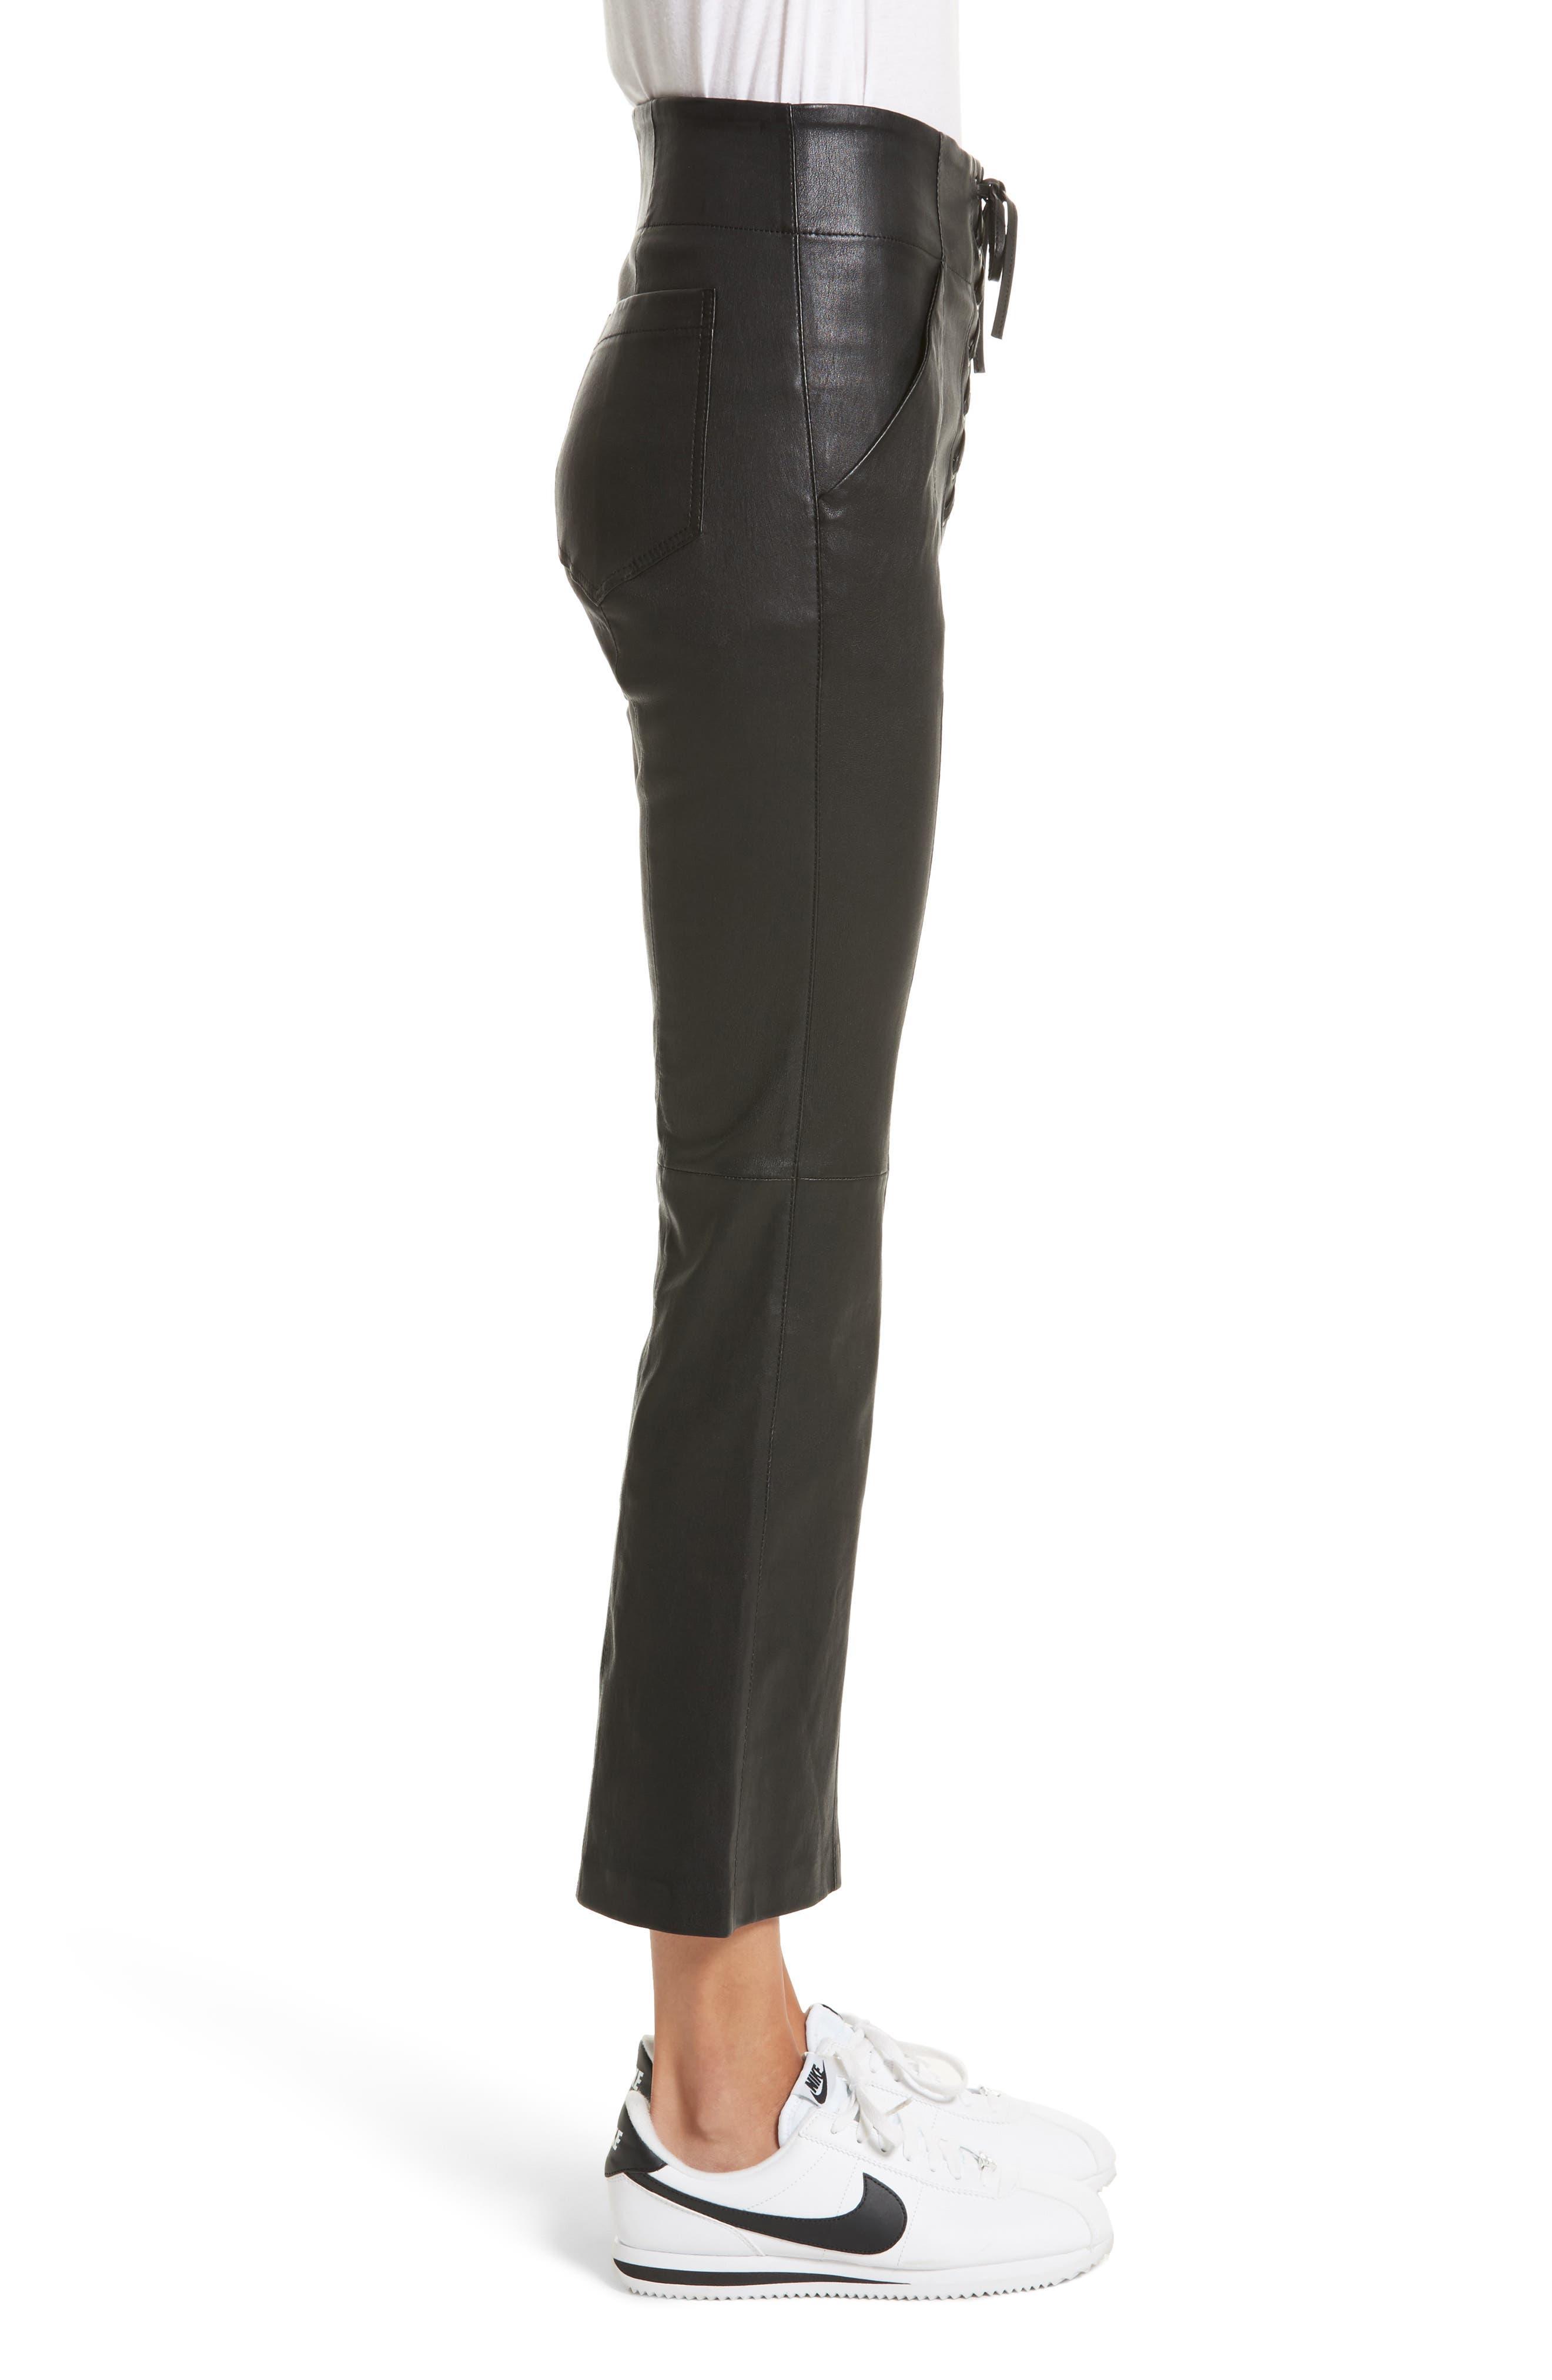 Delia Lace Up Leather Pants,                             Alternate thumbnail 3, color,                             Black